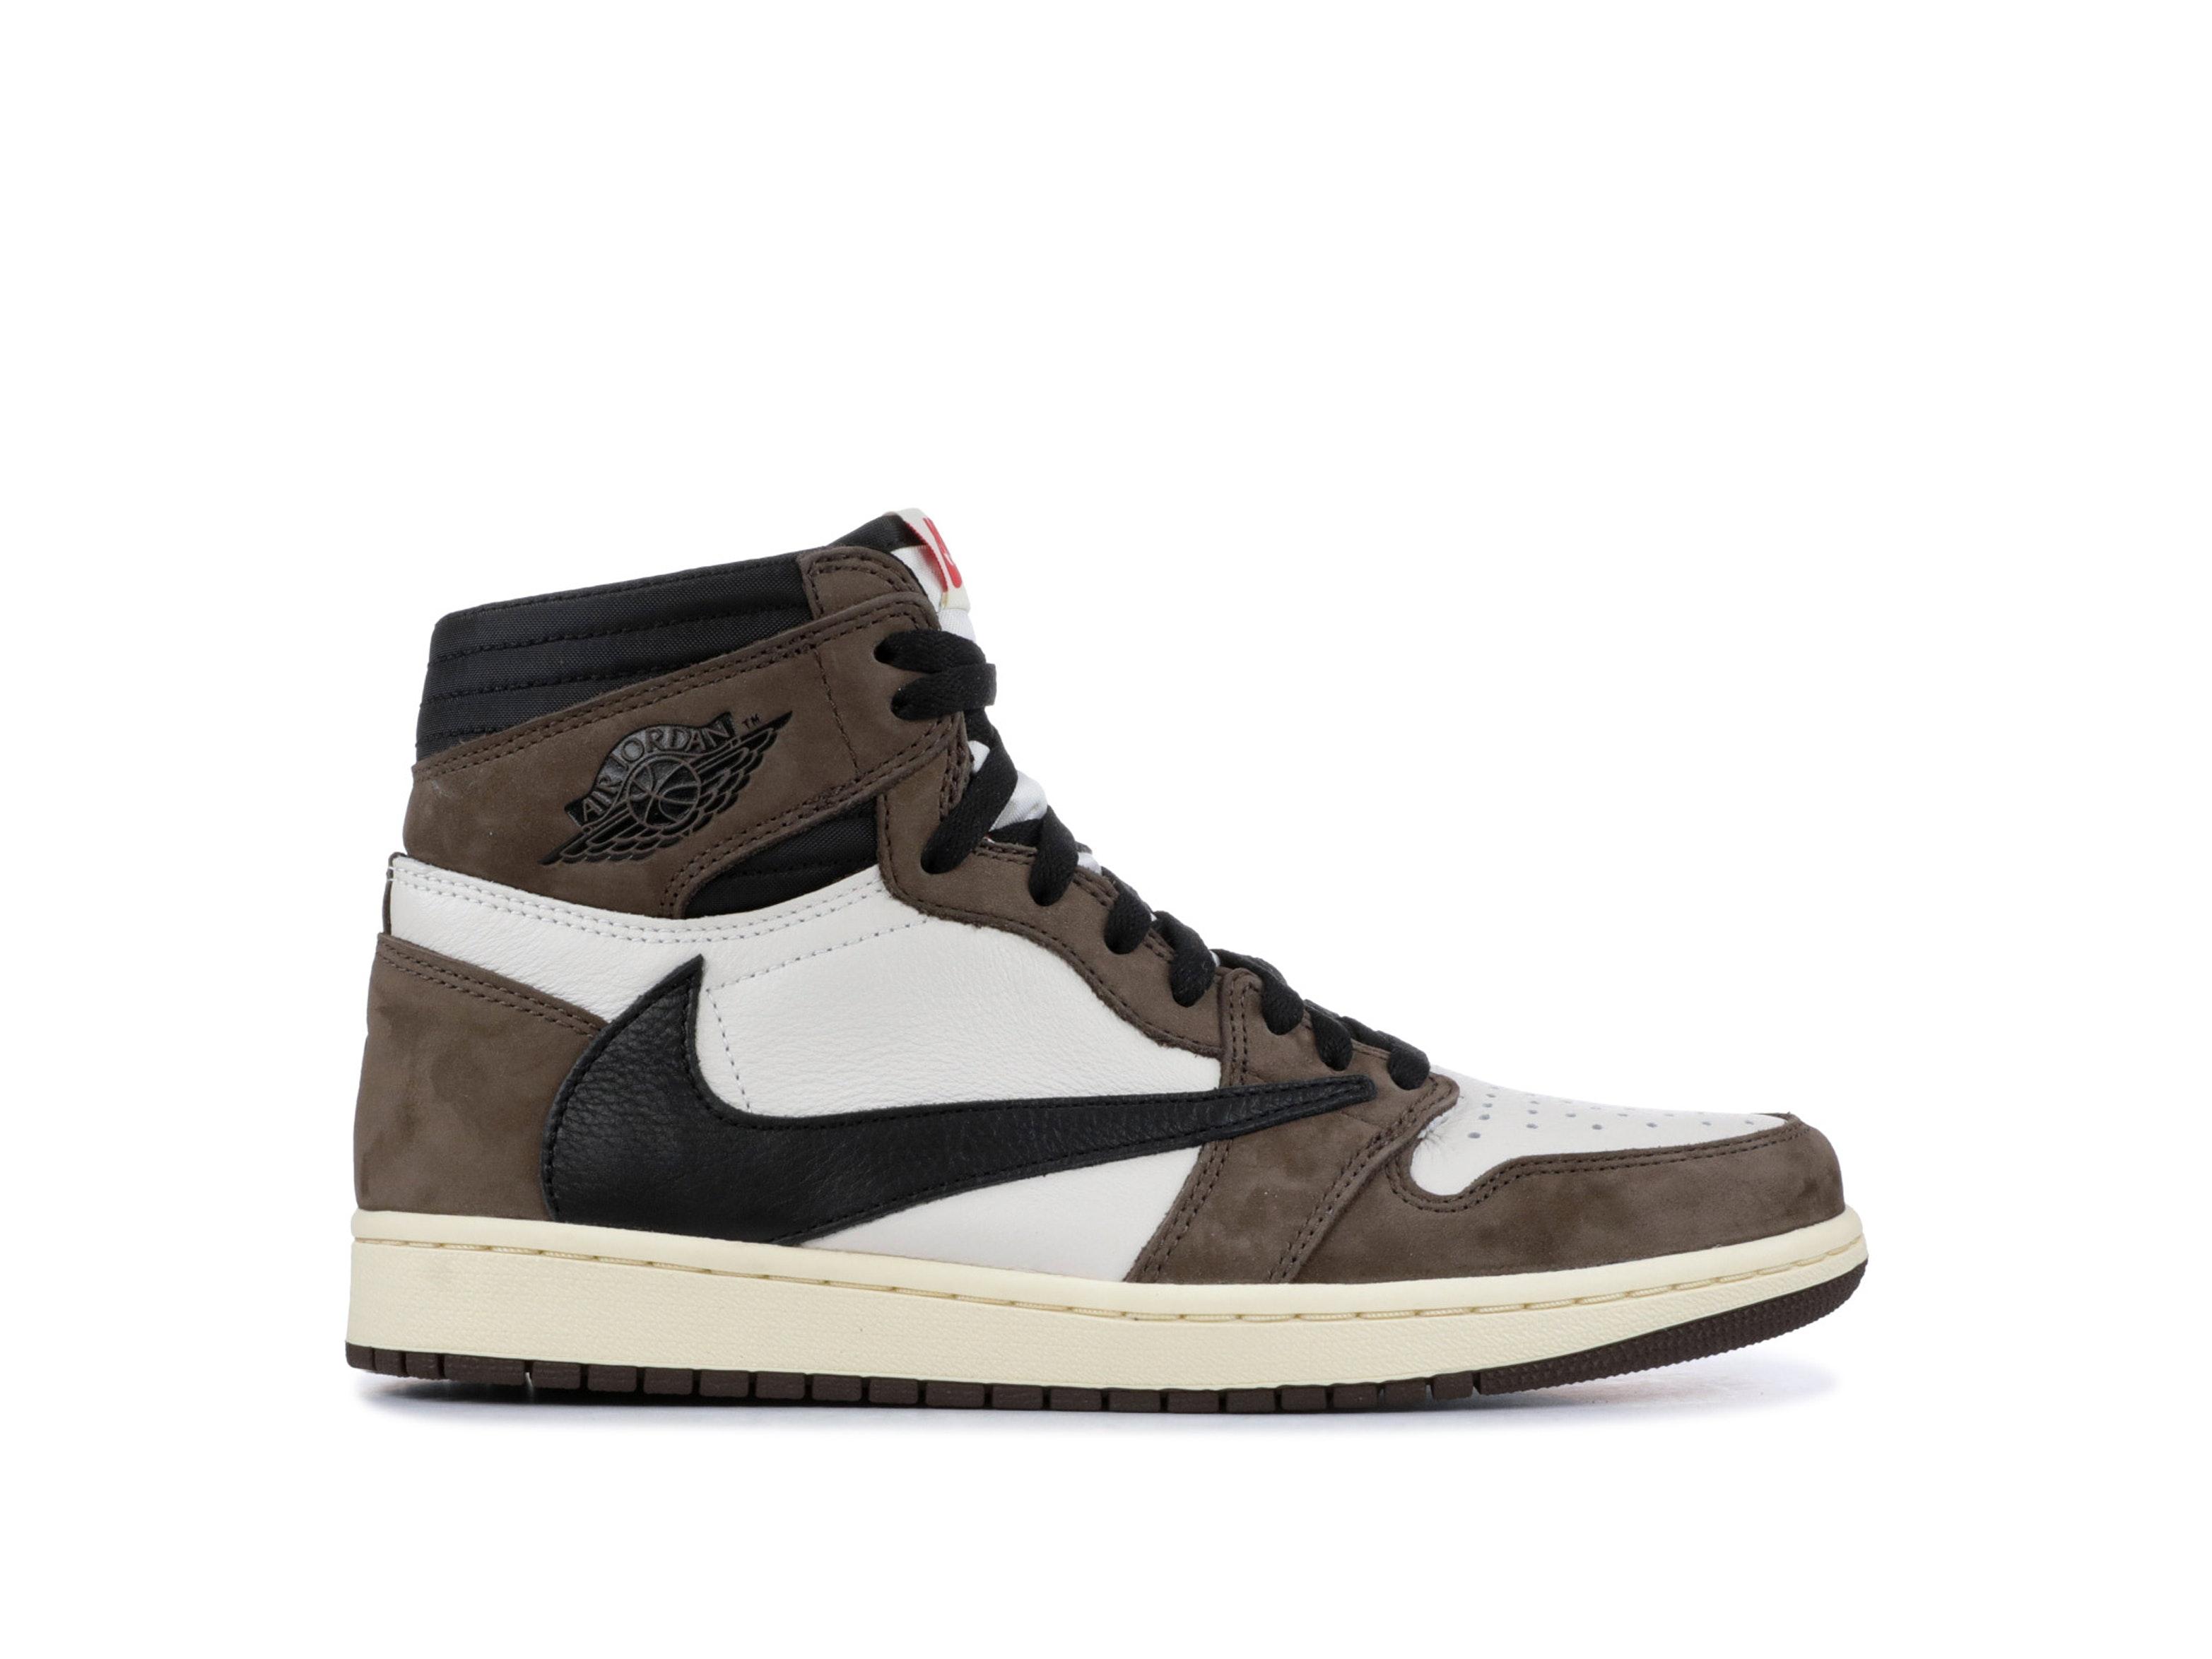 8dd6f2562a0 Shop Travis Scott x Air Jordan 1 Retro High OG 'Mocha' Online | Laced